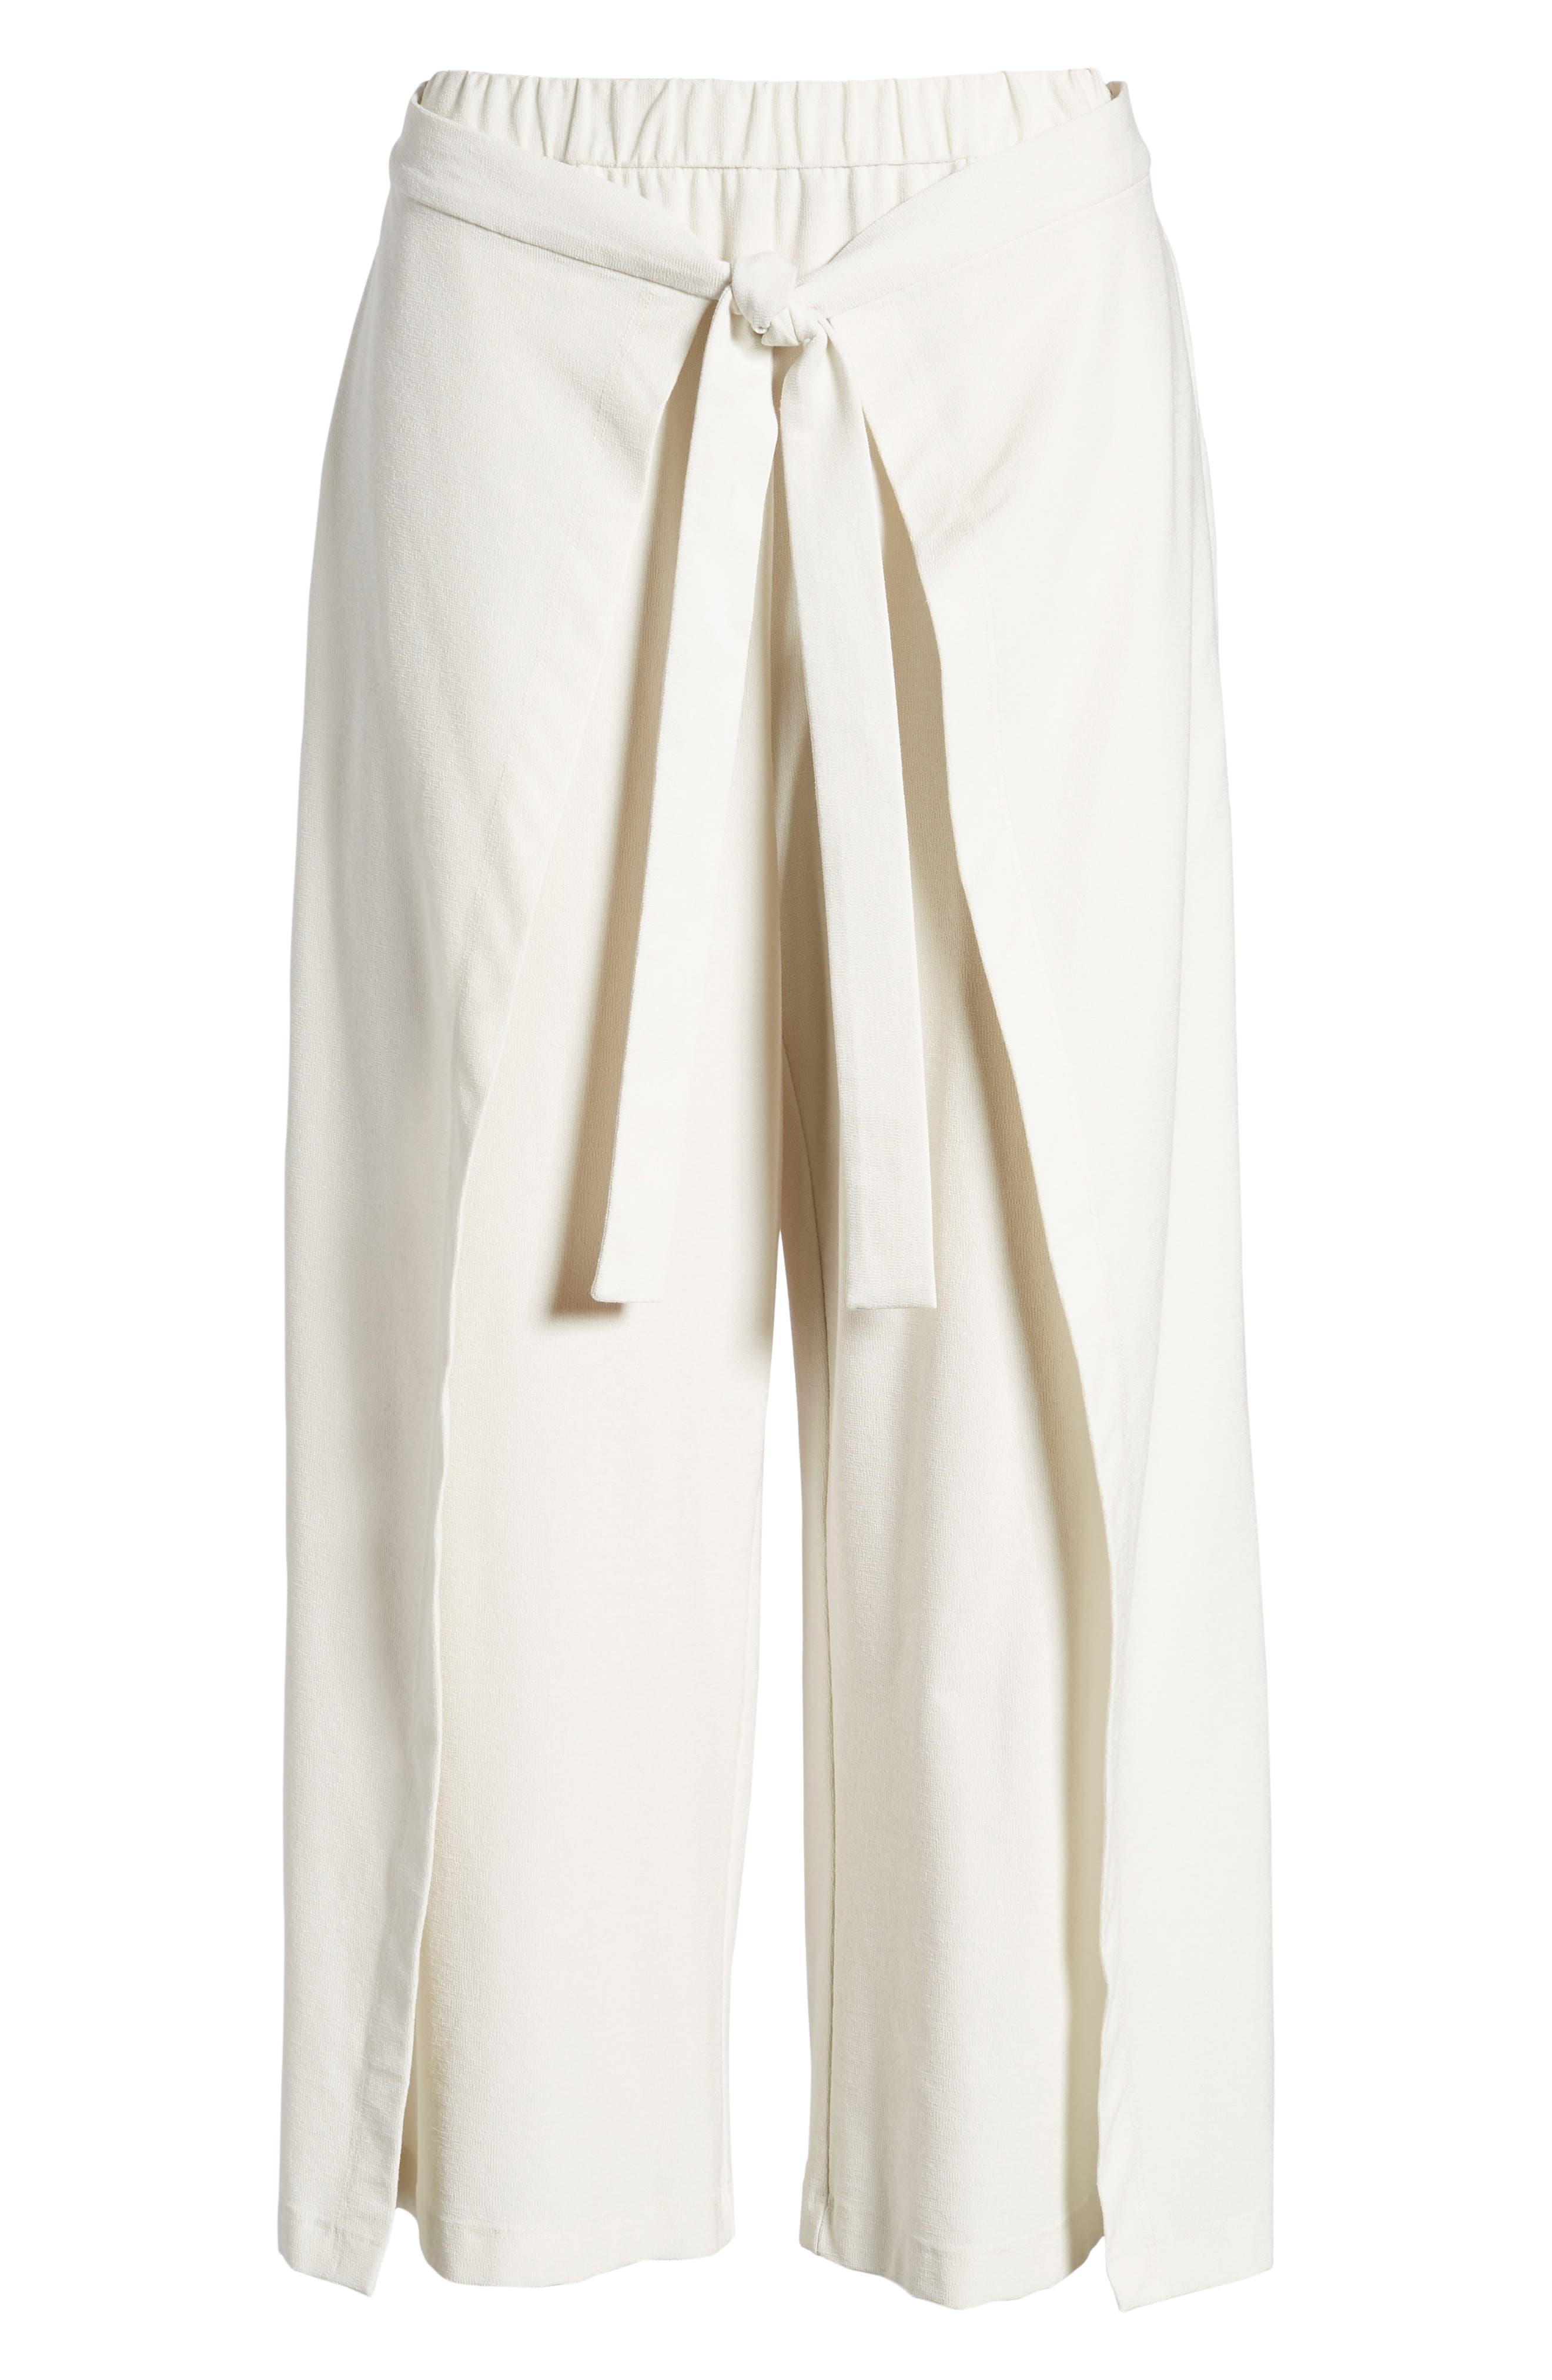 Washable Stretch Crepe Tie-Front Crop Wide Leg Pants,                             Alternate thumbnail 7, color,                             Bone